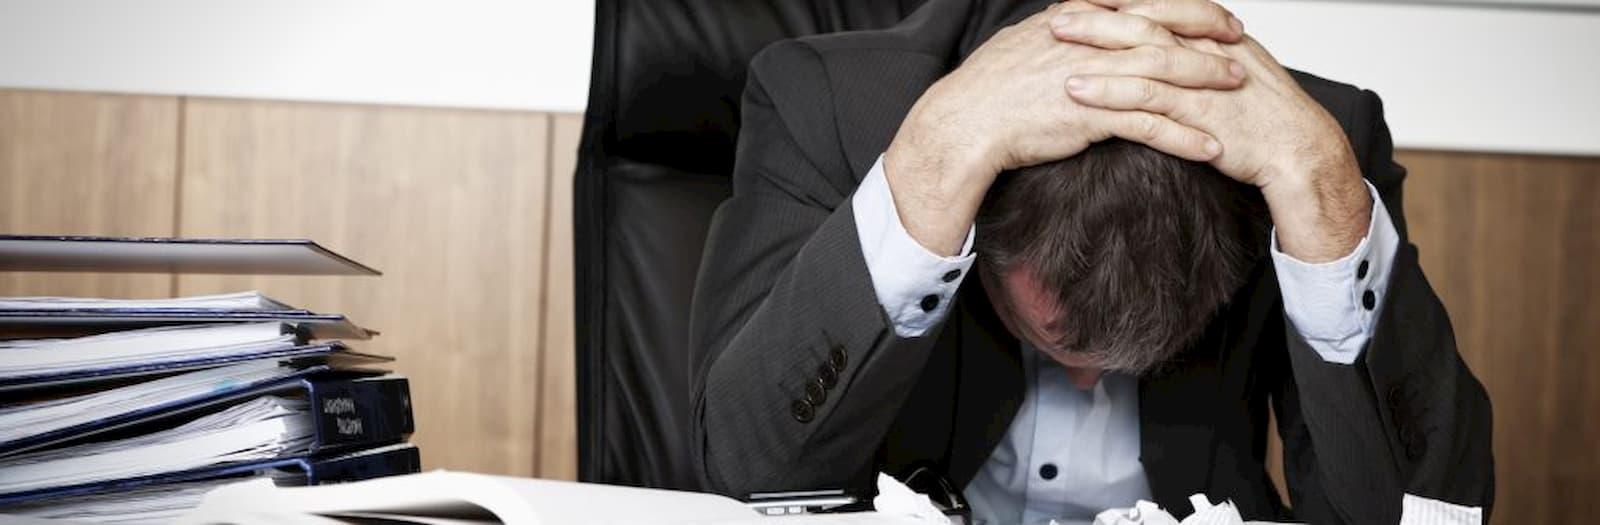 lavoratore stressato si mette le mani fra i capelli